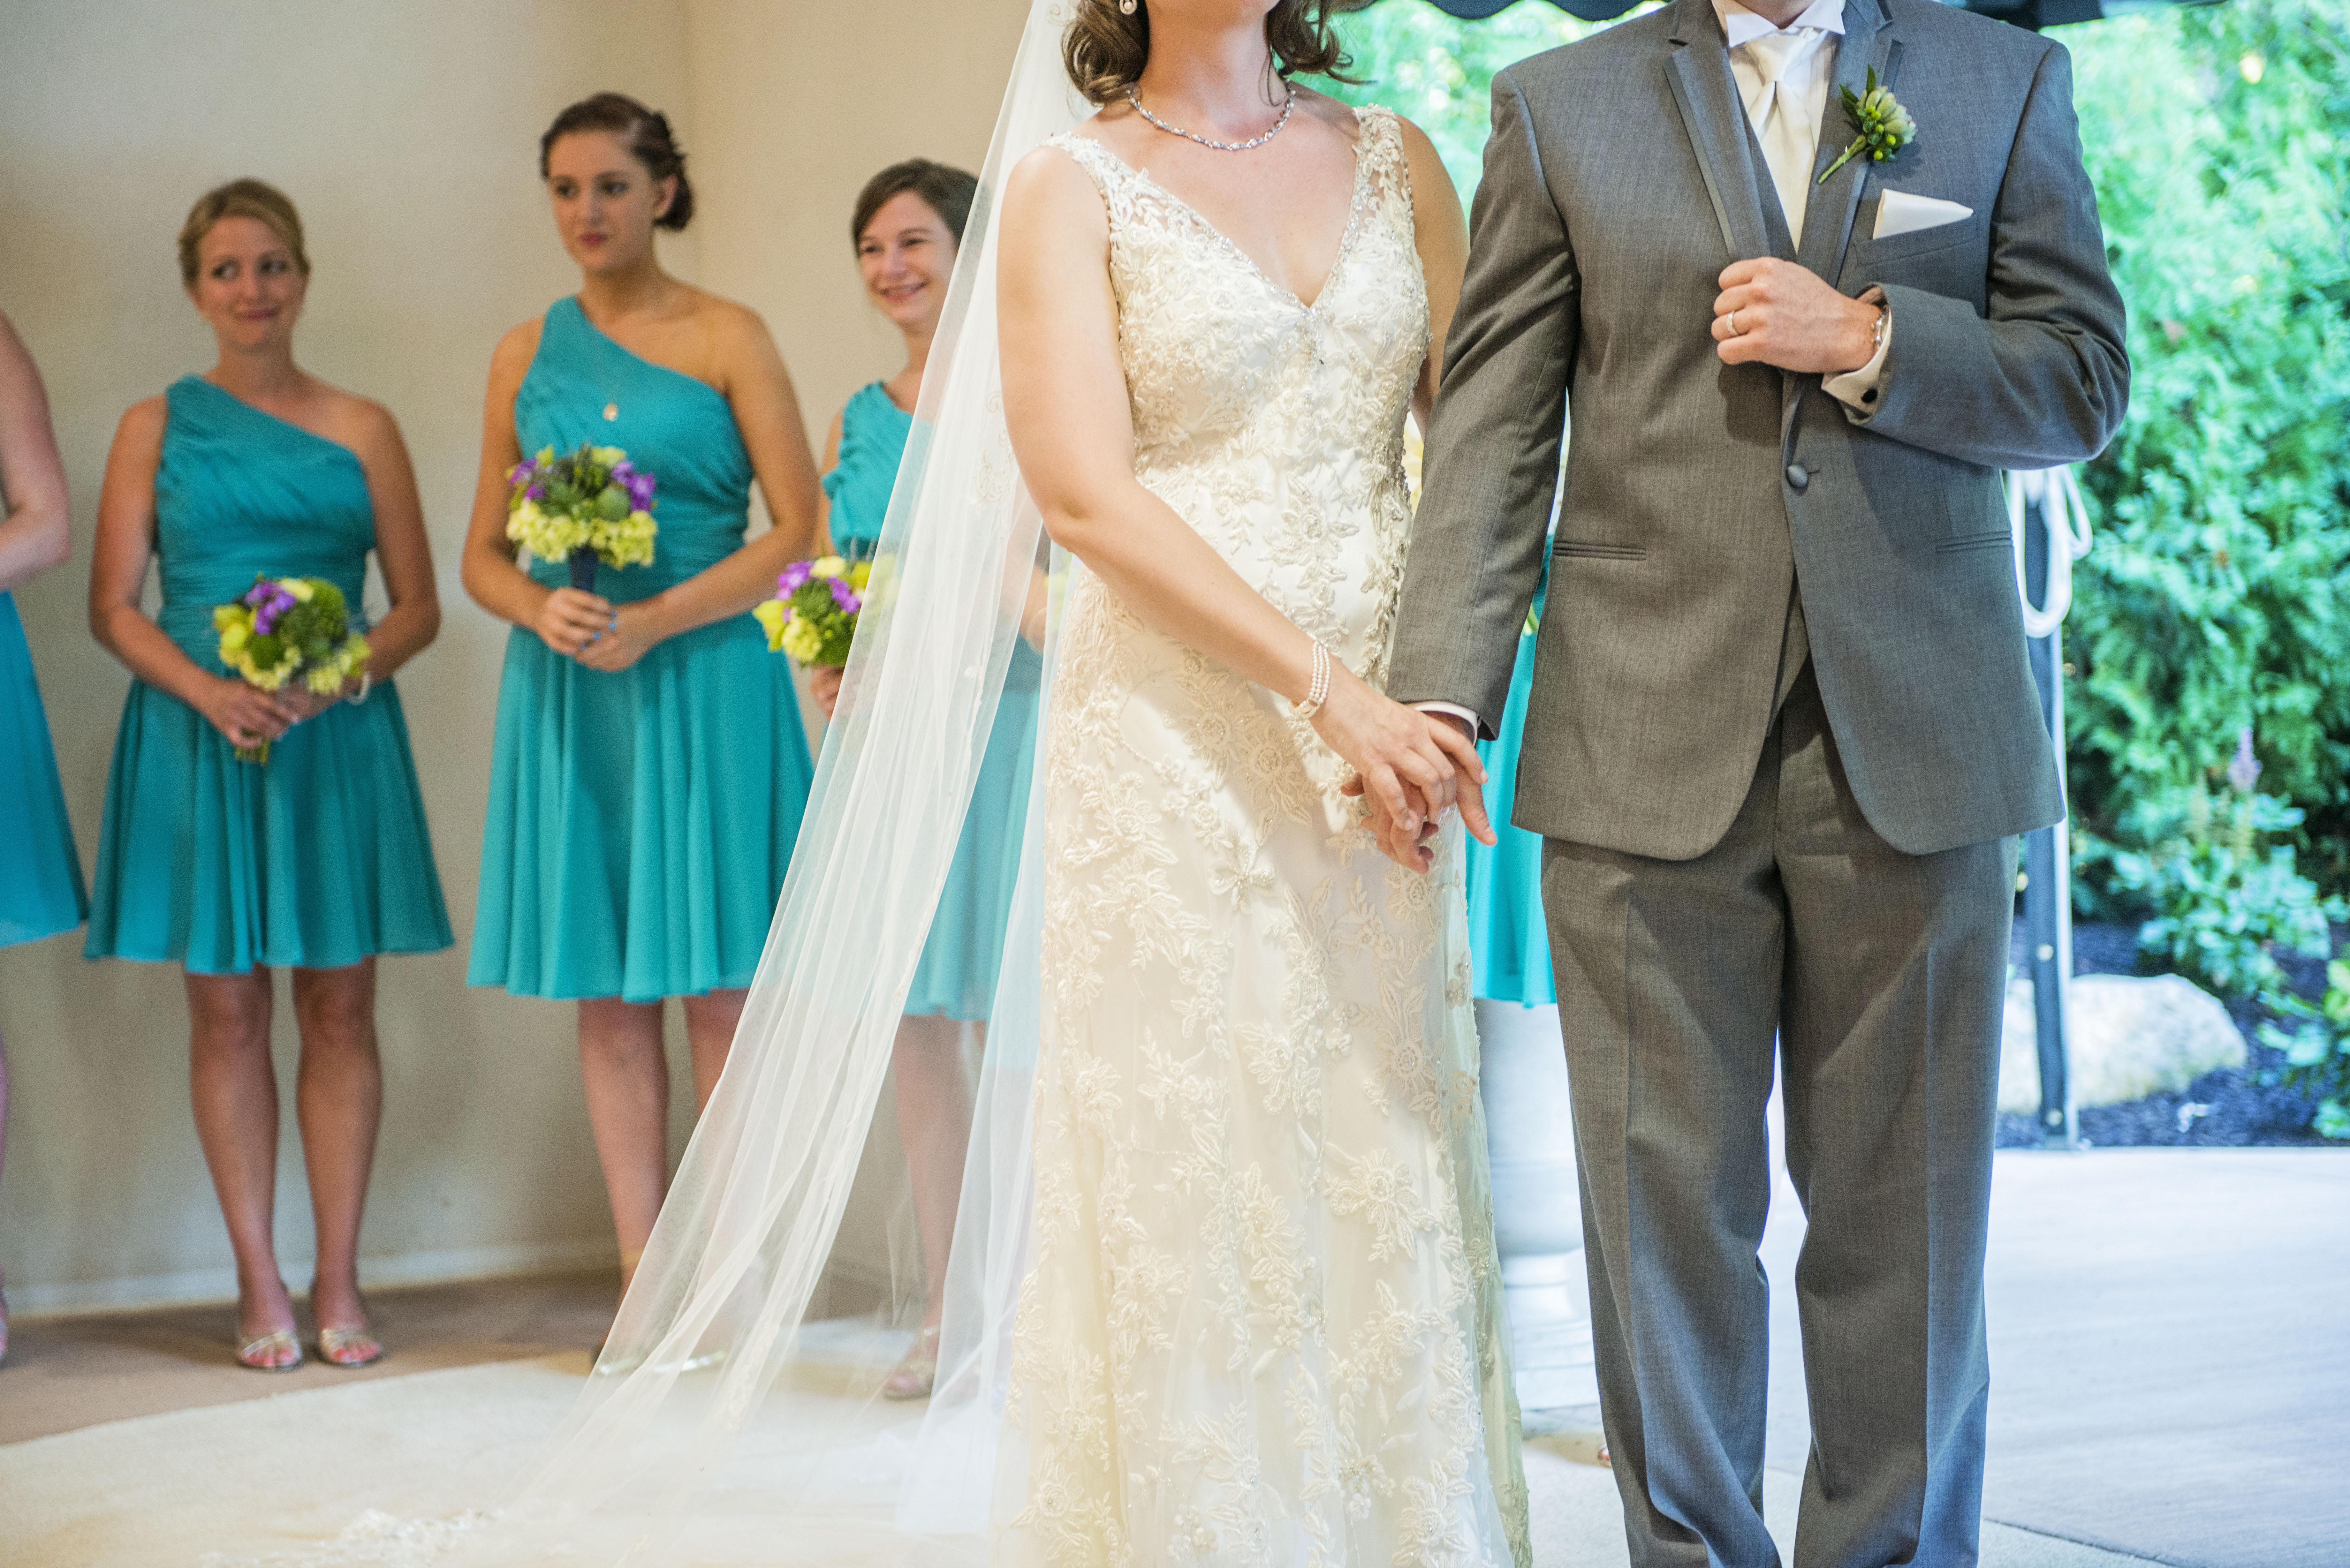 Cooperative wedding